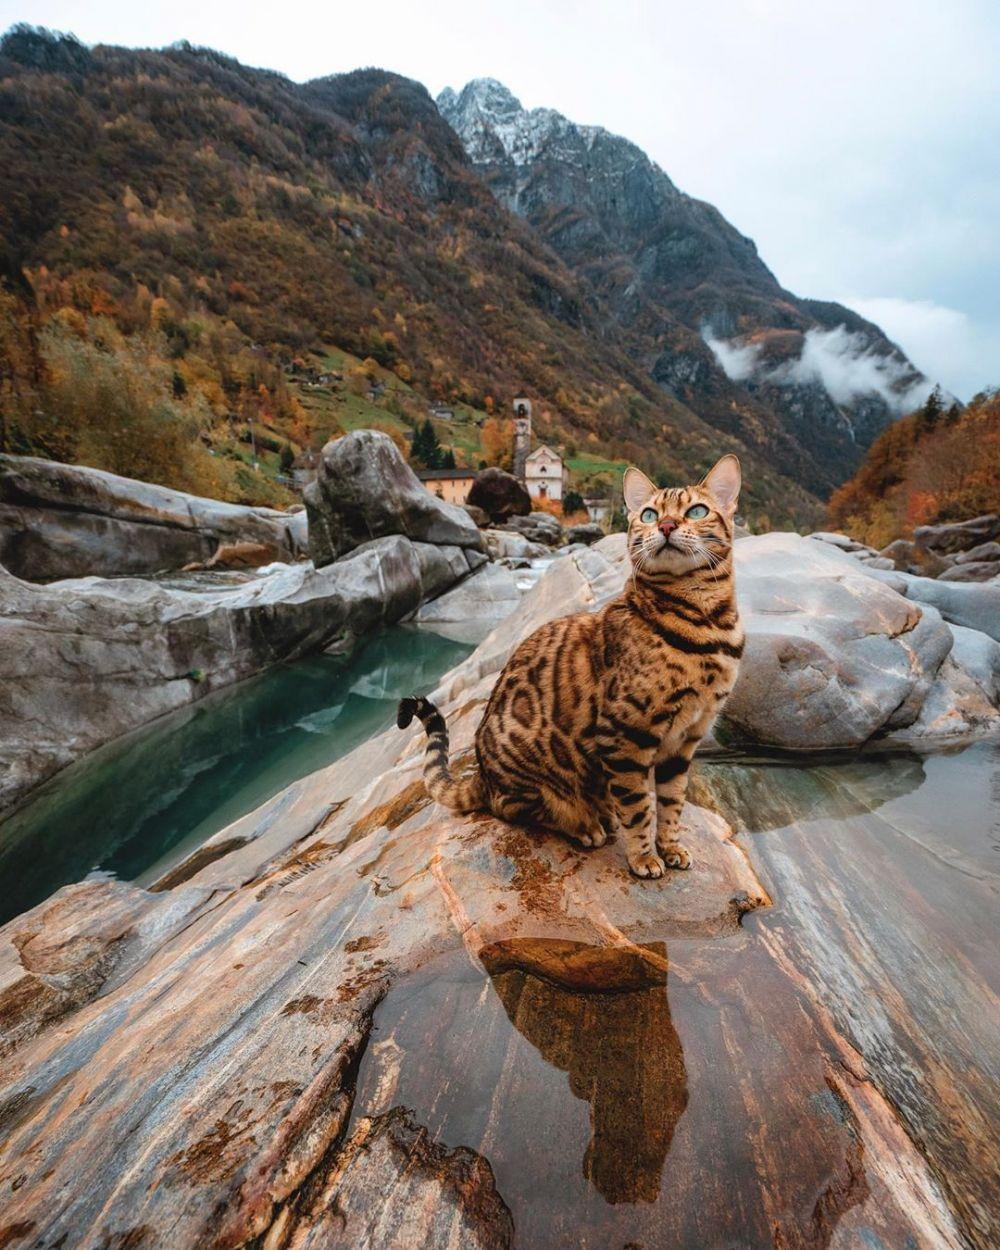 6 Fakta Tentang Kucing Bengal, Kucing Langka dari Amerika